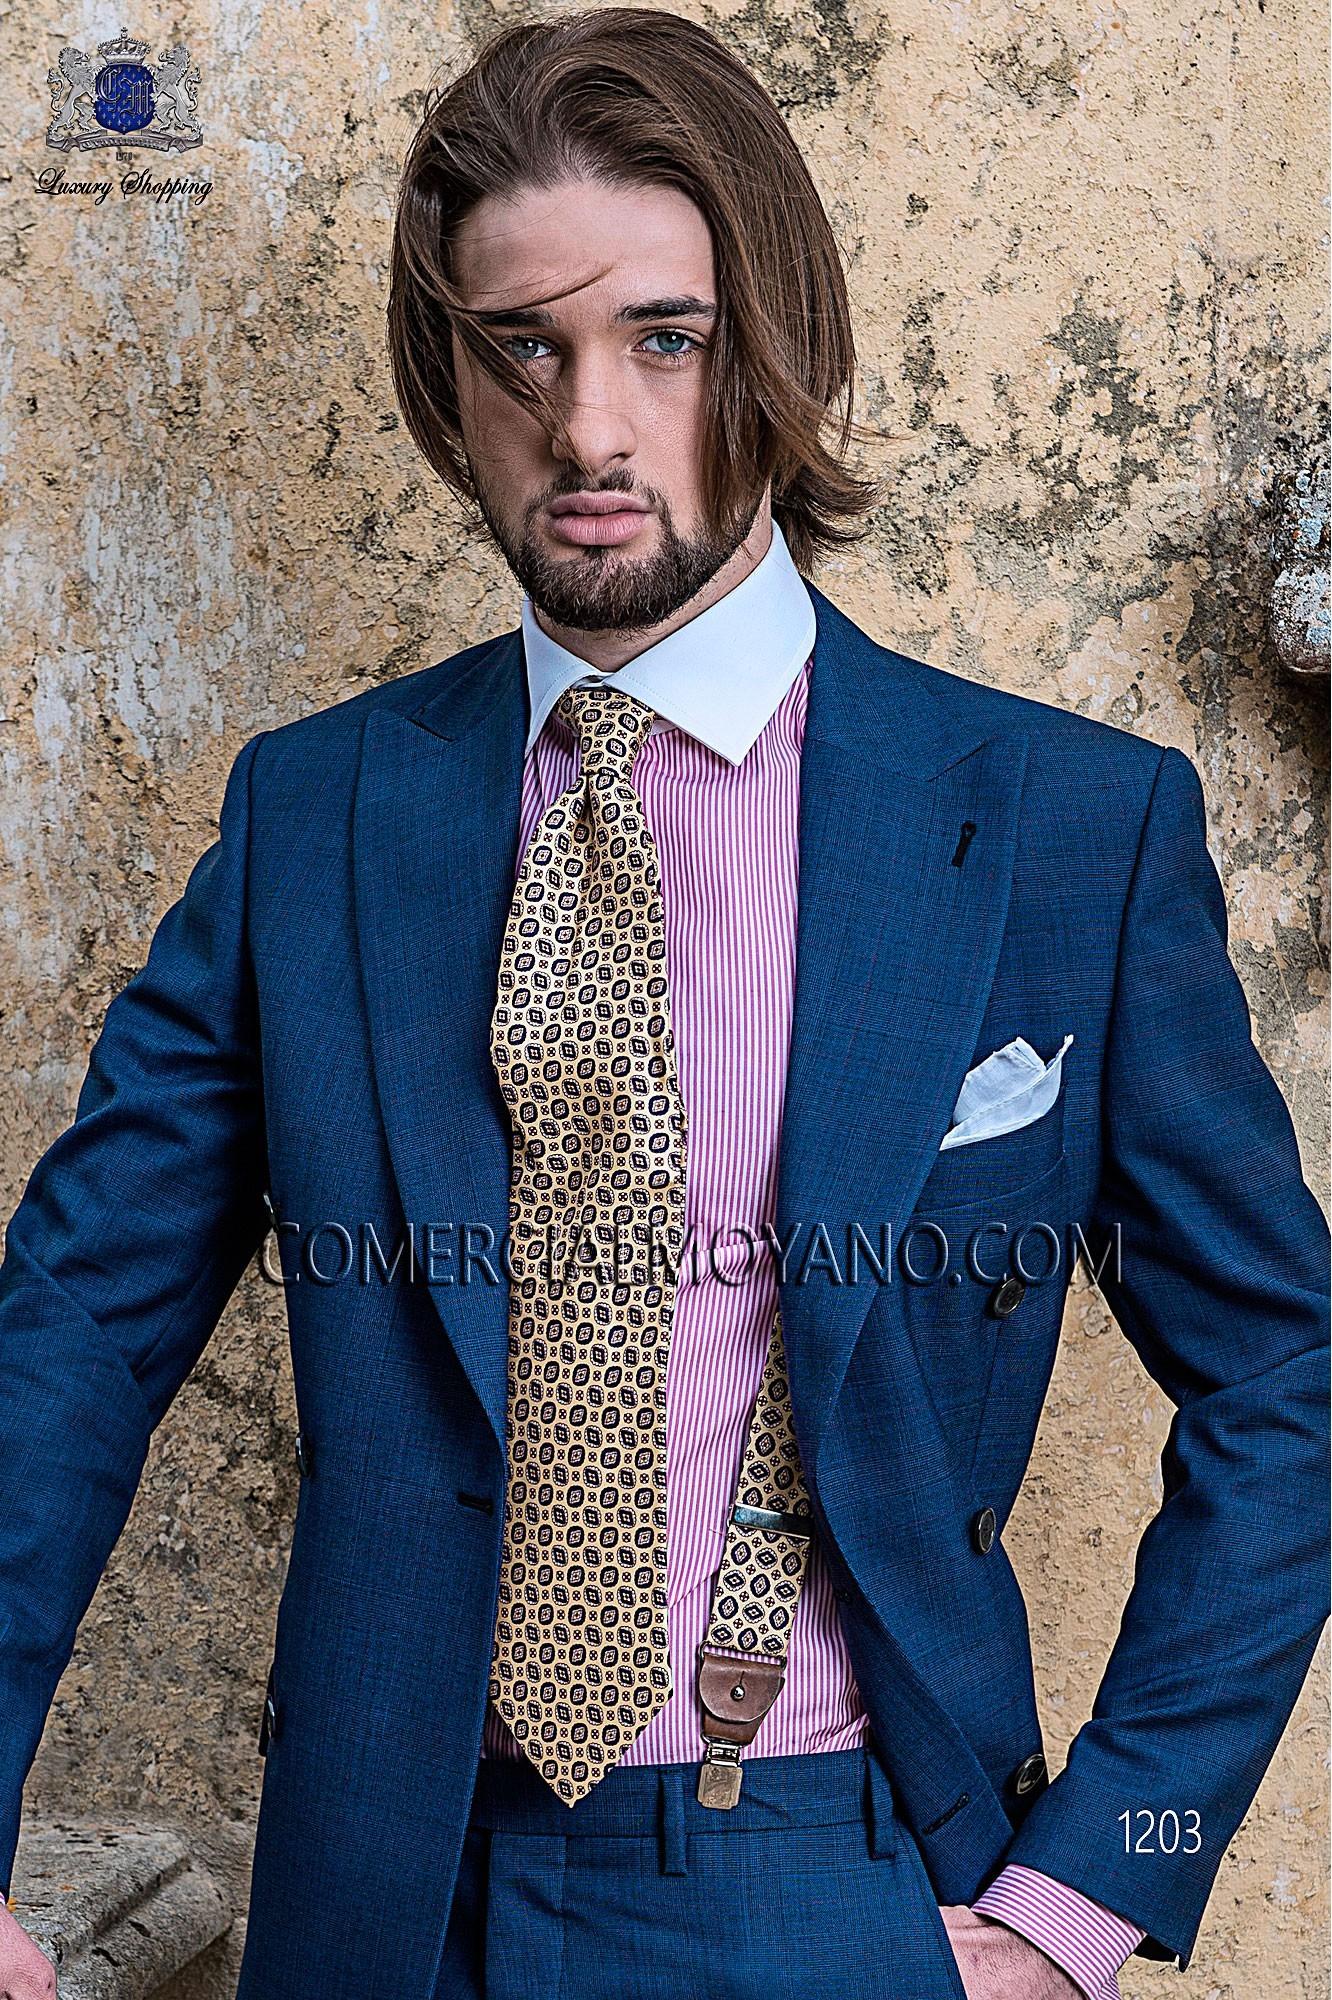 Traje Gentleman de novio azul modelo: 1203 Ottavio Nuccio Gala colección Gentleman